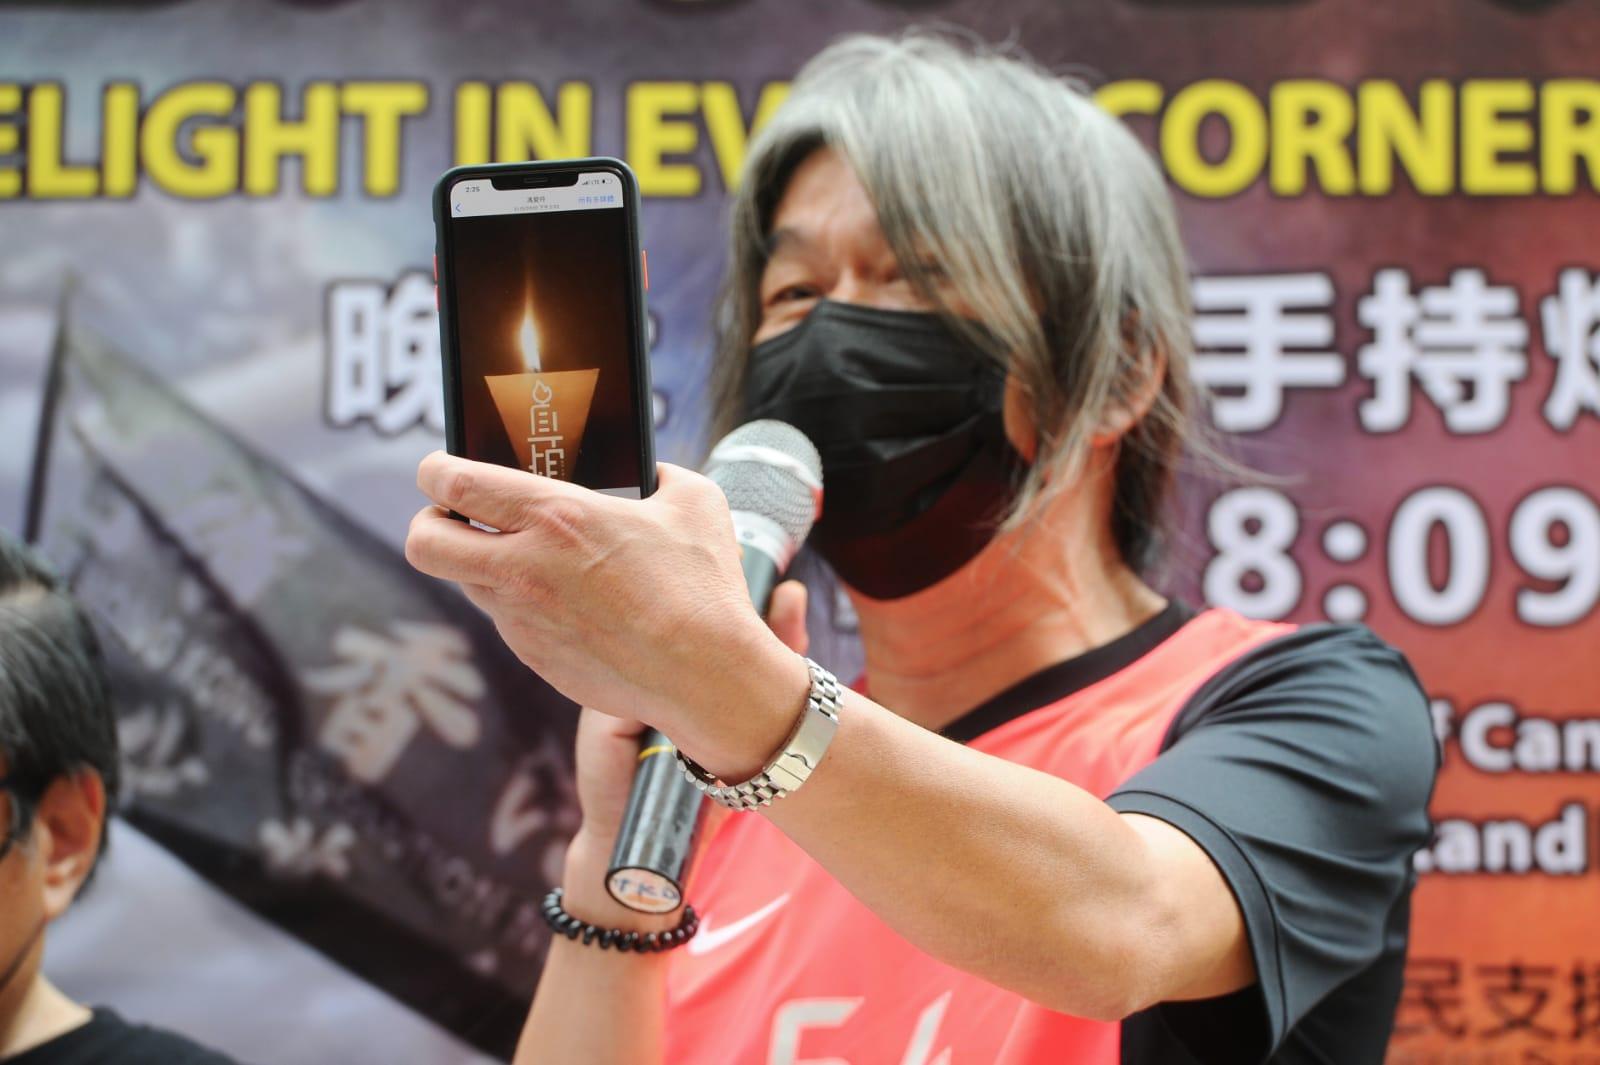 「長毛」梁國雄在介紹如何運用iPhone的App點起「燭光」的同時表示,到時候人們將手持燭光悼念,「看上去好像很微弱,但是,一定會照亮中國,照亮香港,照亮這個世界的民主運動。」(宋碧龍 / 大紀元)